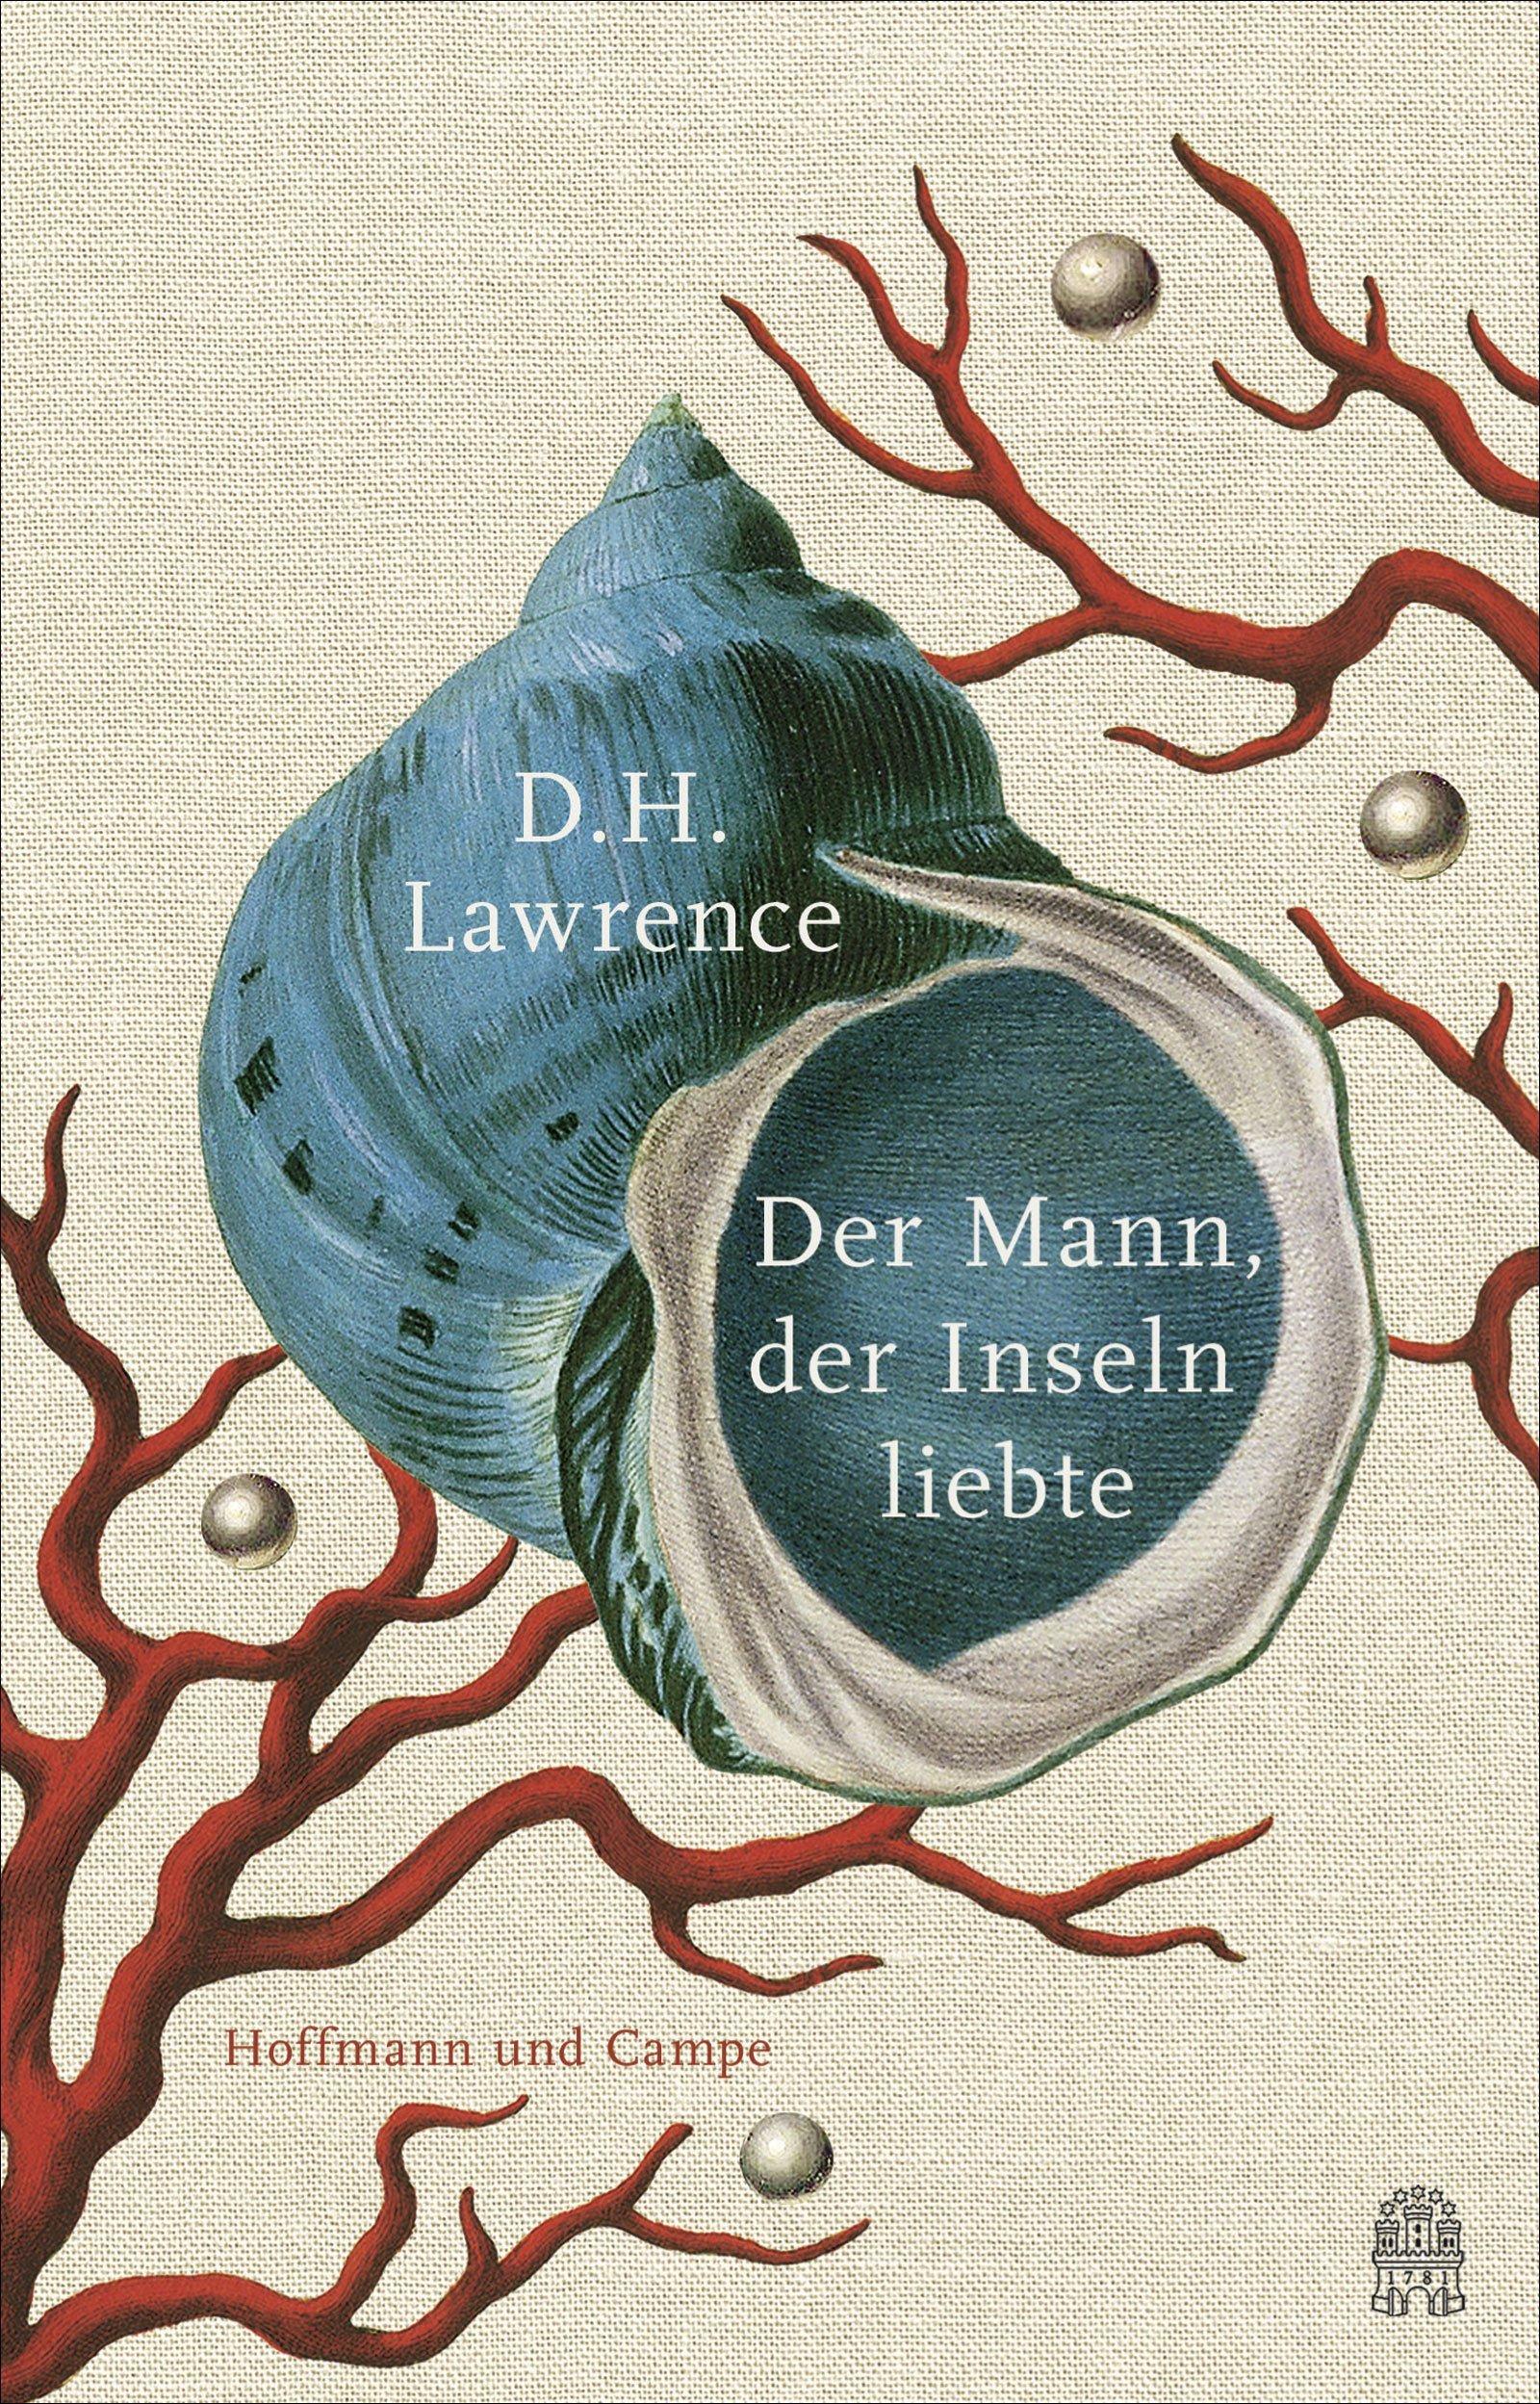 Der Mann, der Inseln liebte  by  D.H. Lawrence